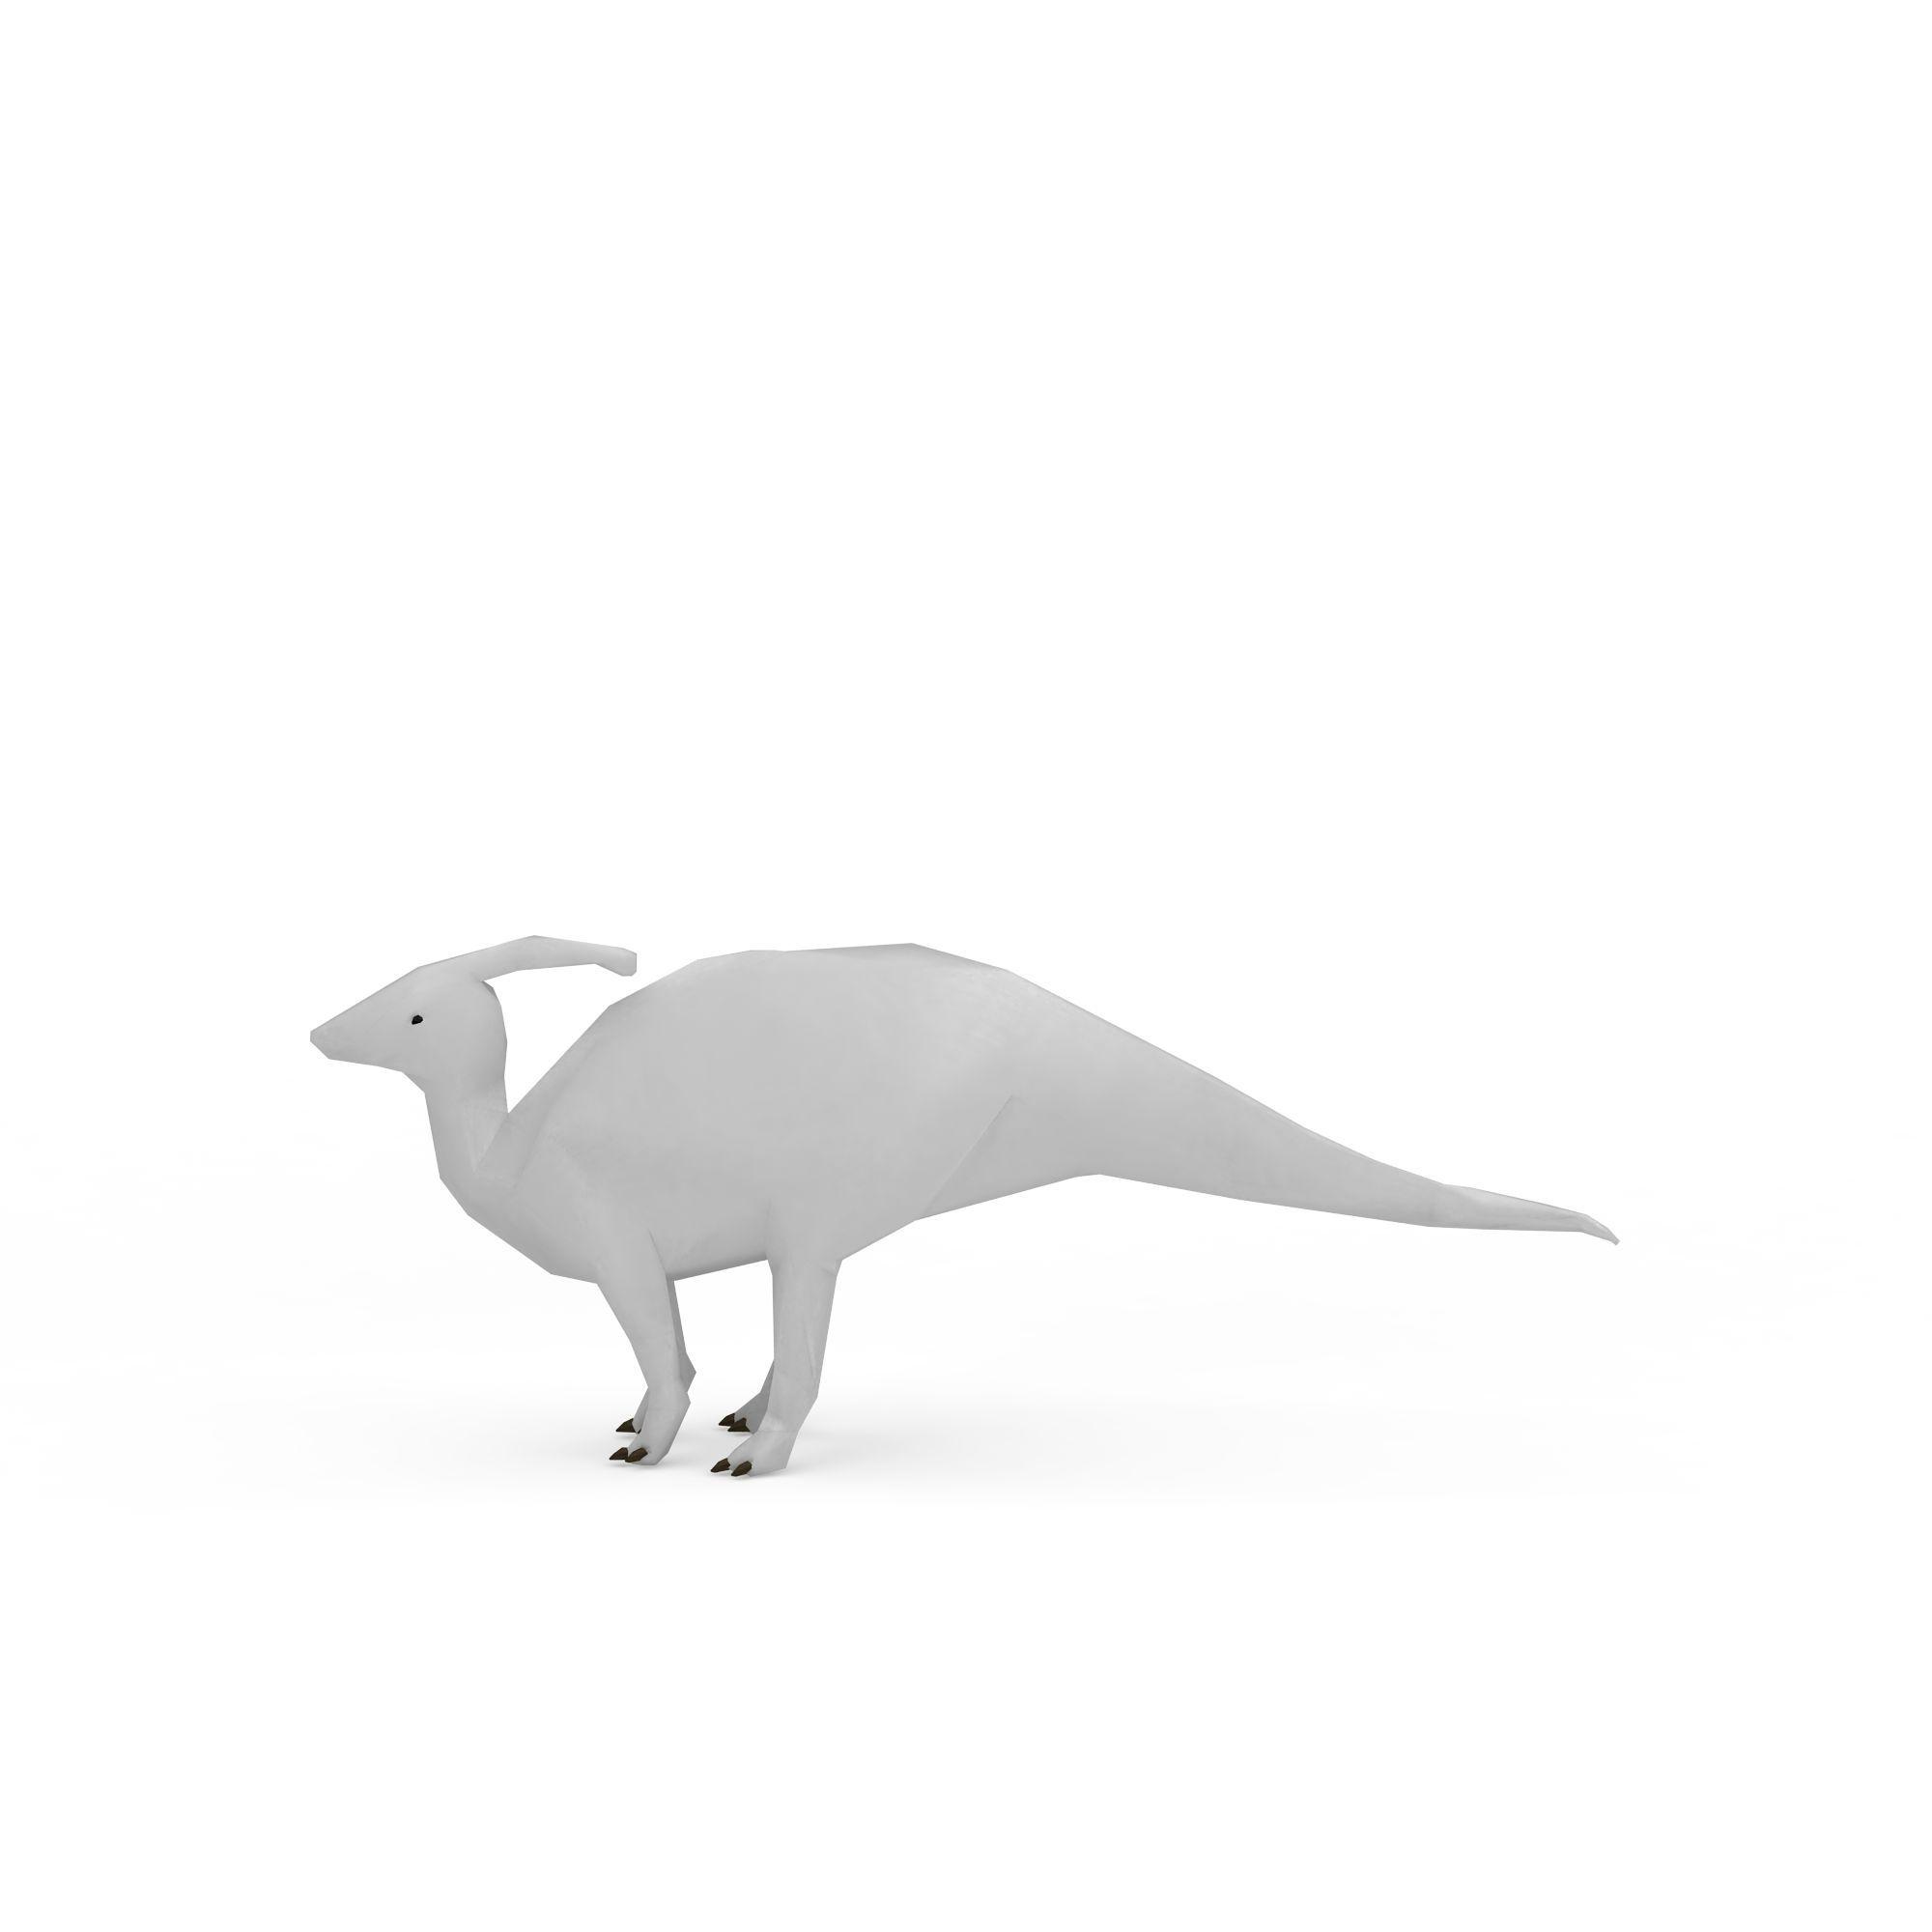 动物 爬行类 小恐龙3d模型 小恐龙png高清图  小恐龙高清图详情 设计